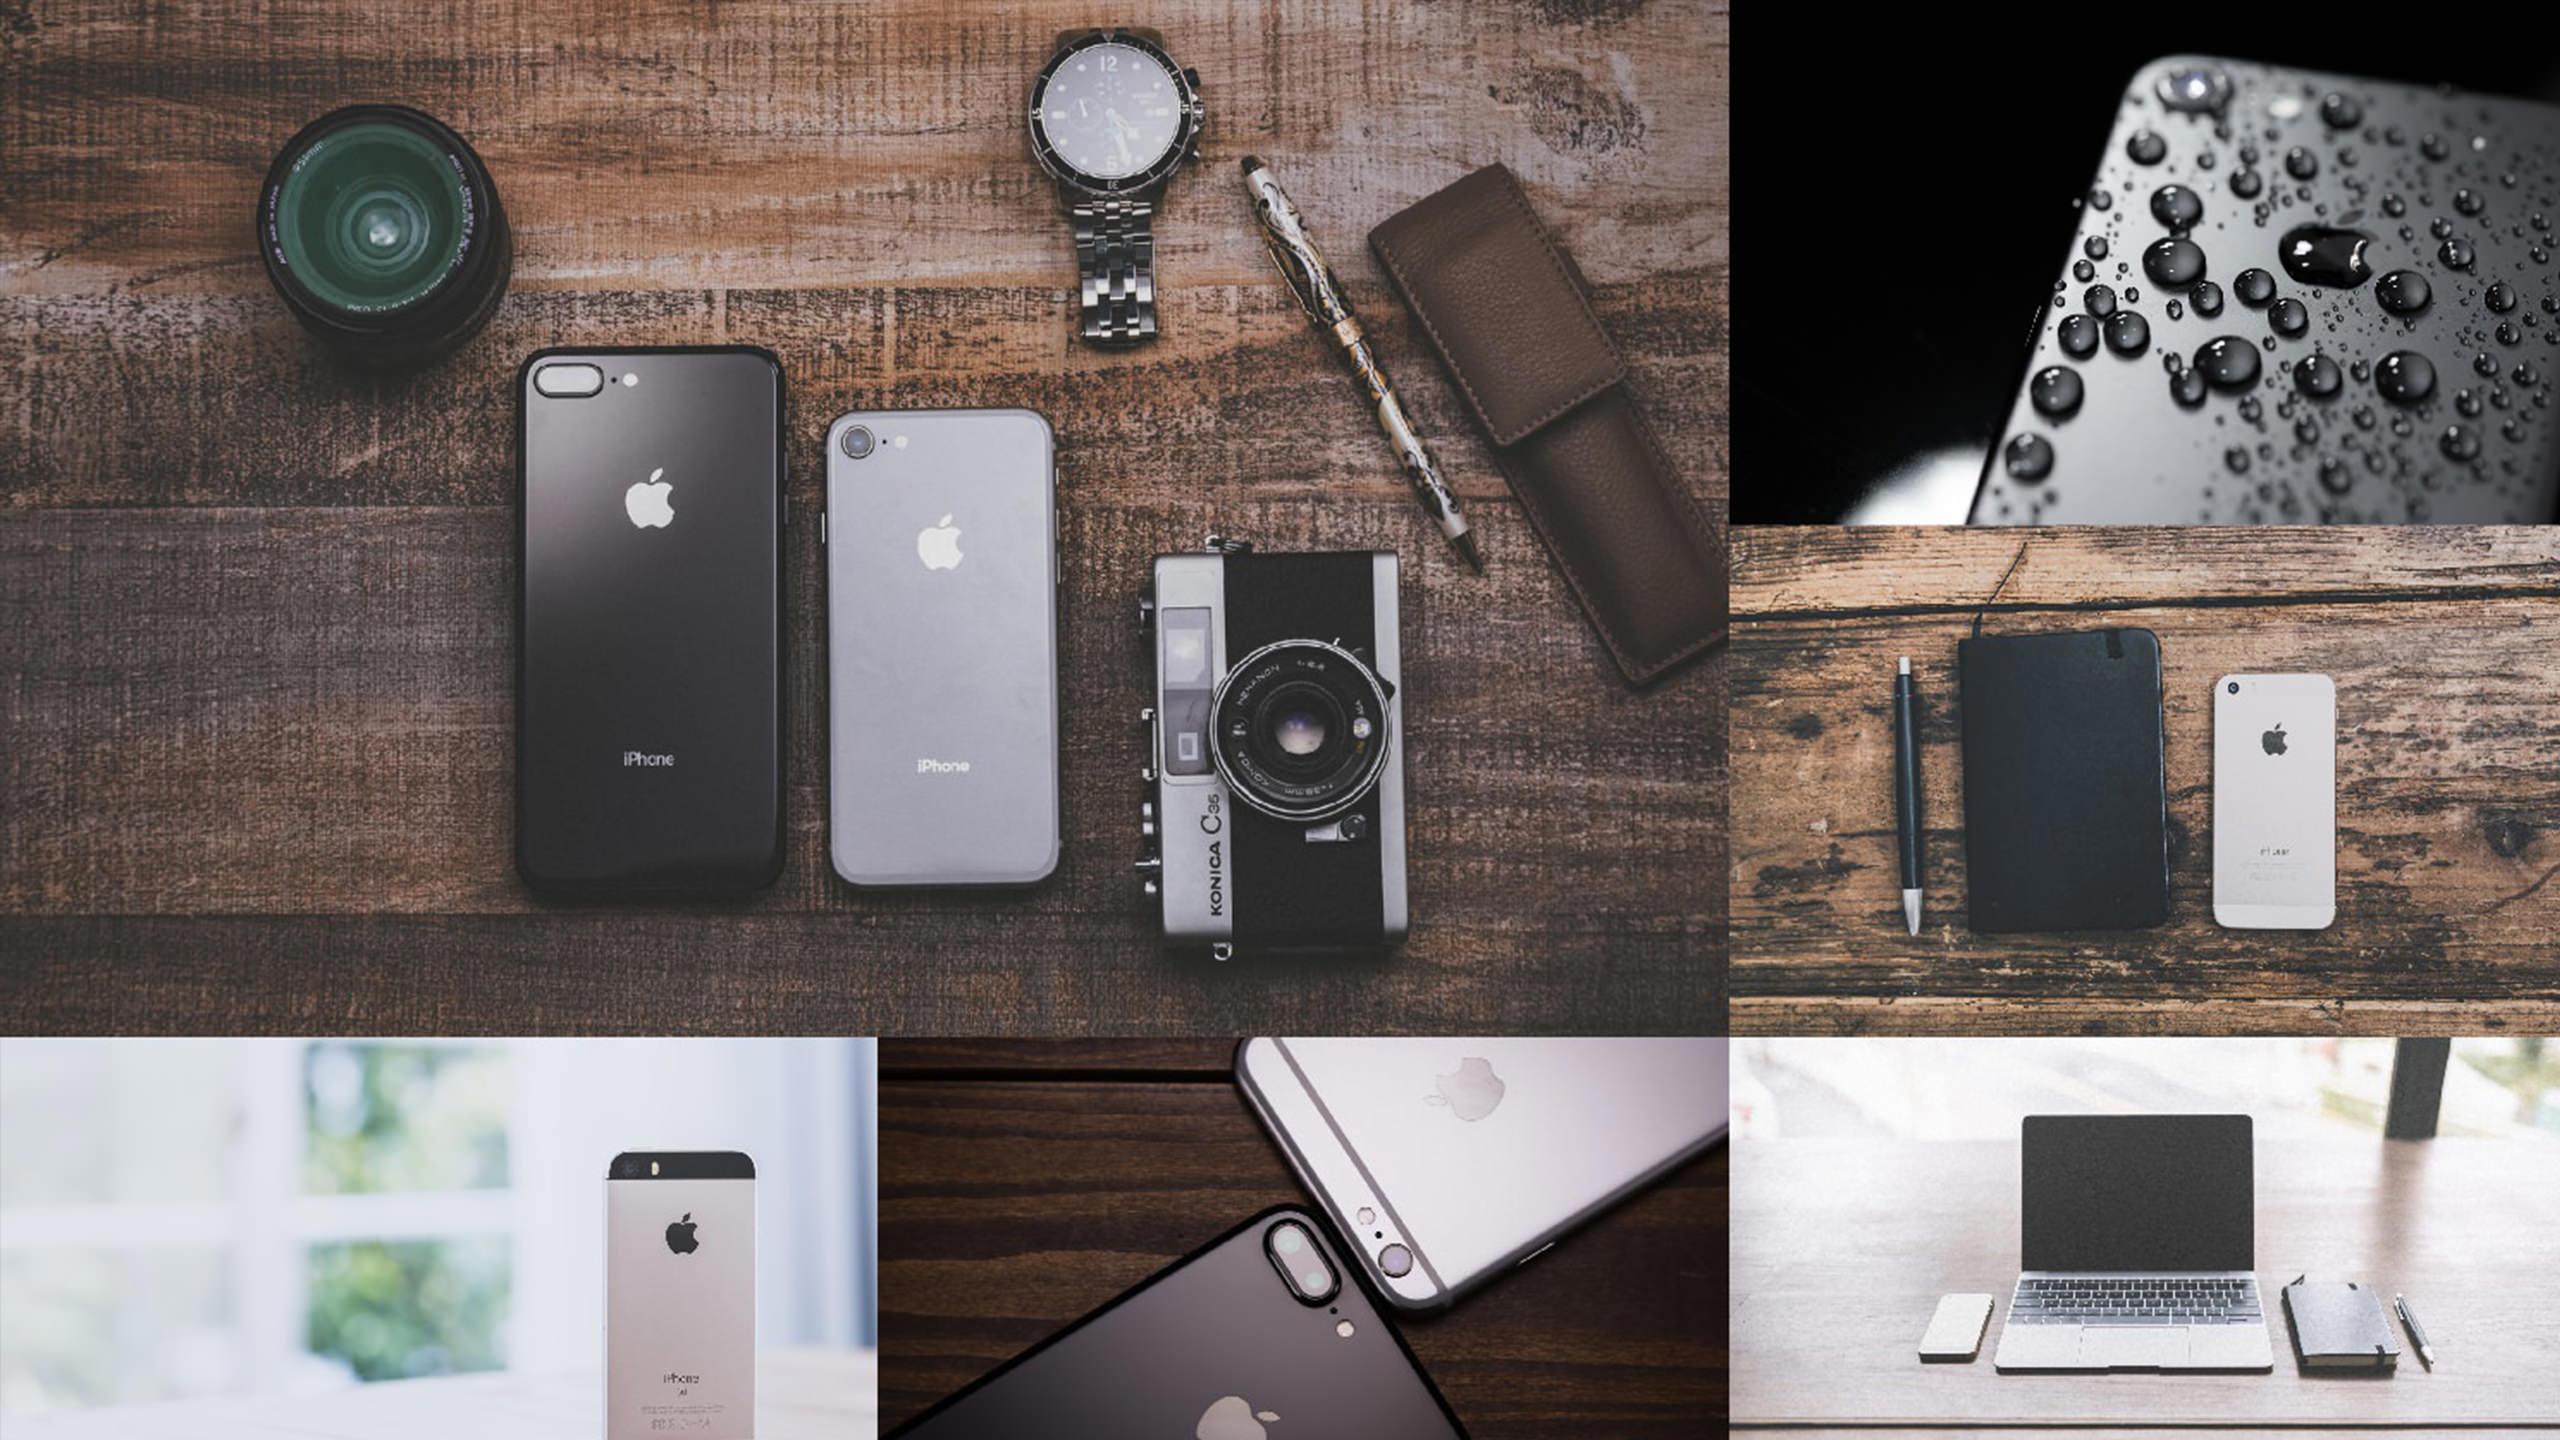 g.O.R.iさんが所有するiPhoneの写真をまとめました